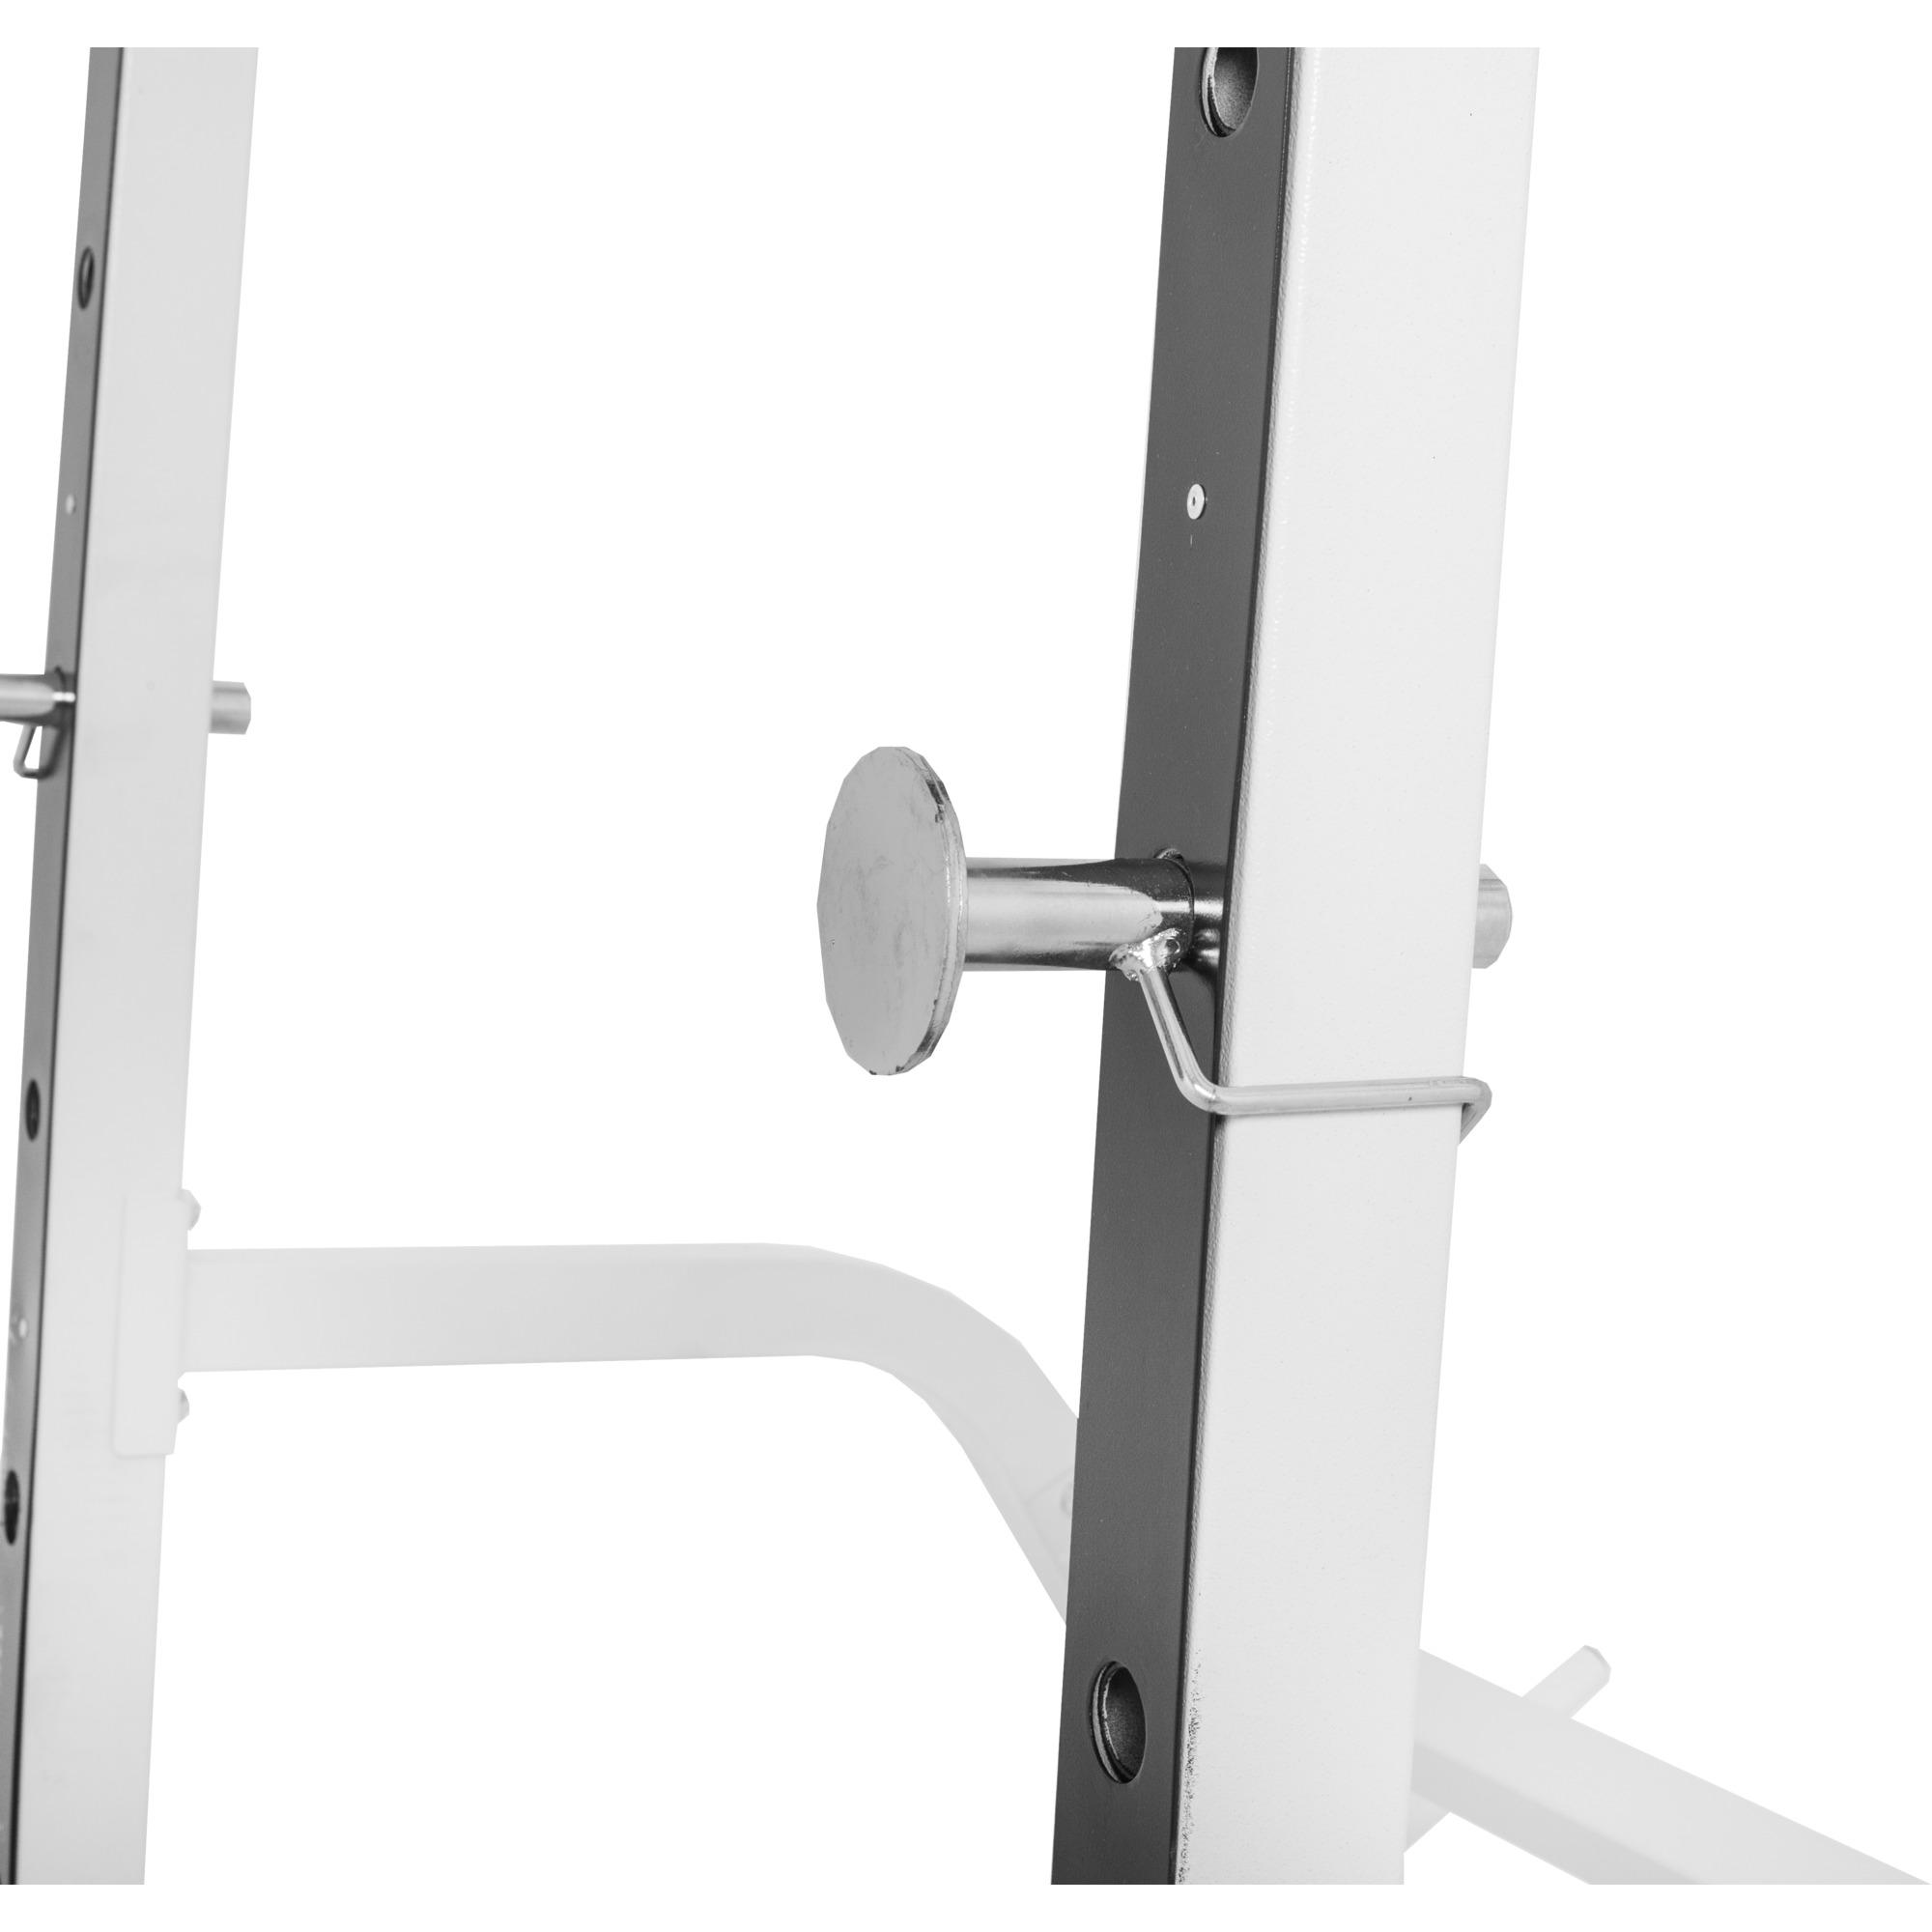 banc de musculation avec repose barre s par gs022. Black Bedroom Furniture Sets. Home Design Ideas